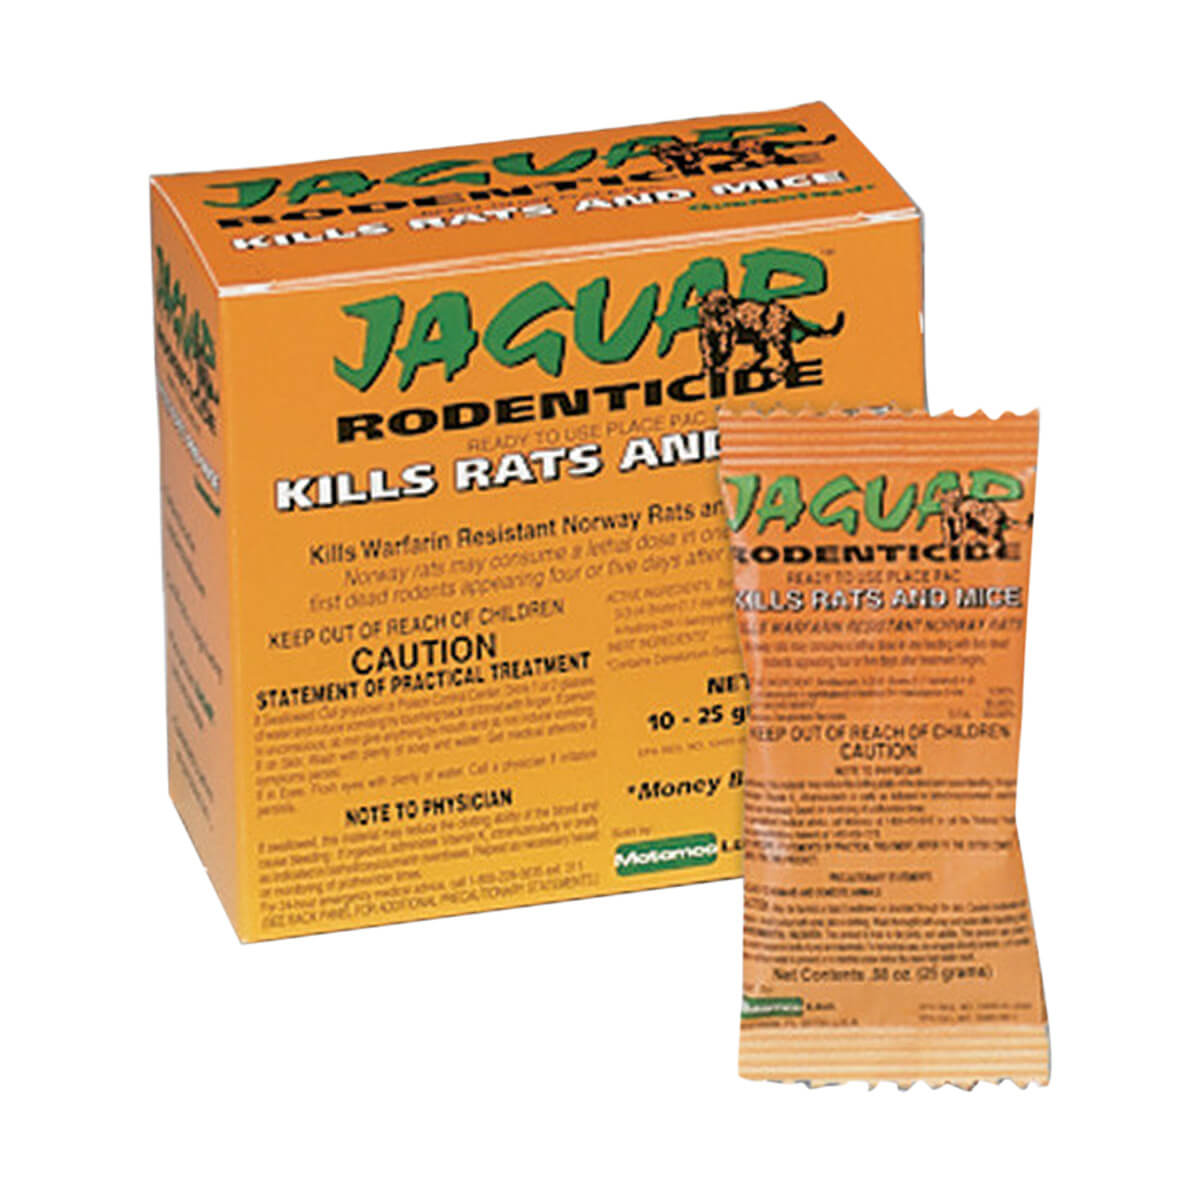 Jaguar Rodenticide - 10 x 20 grams